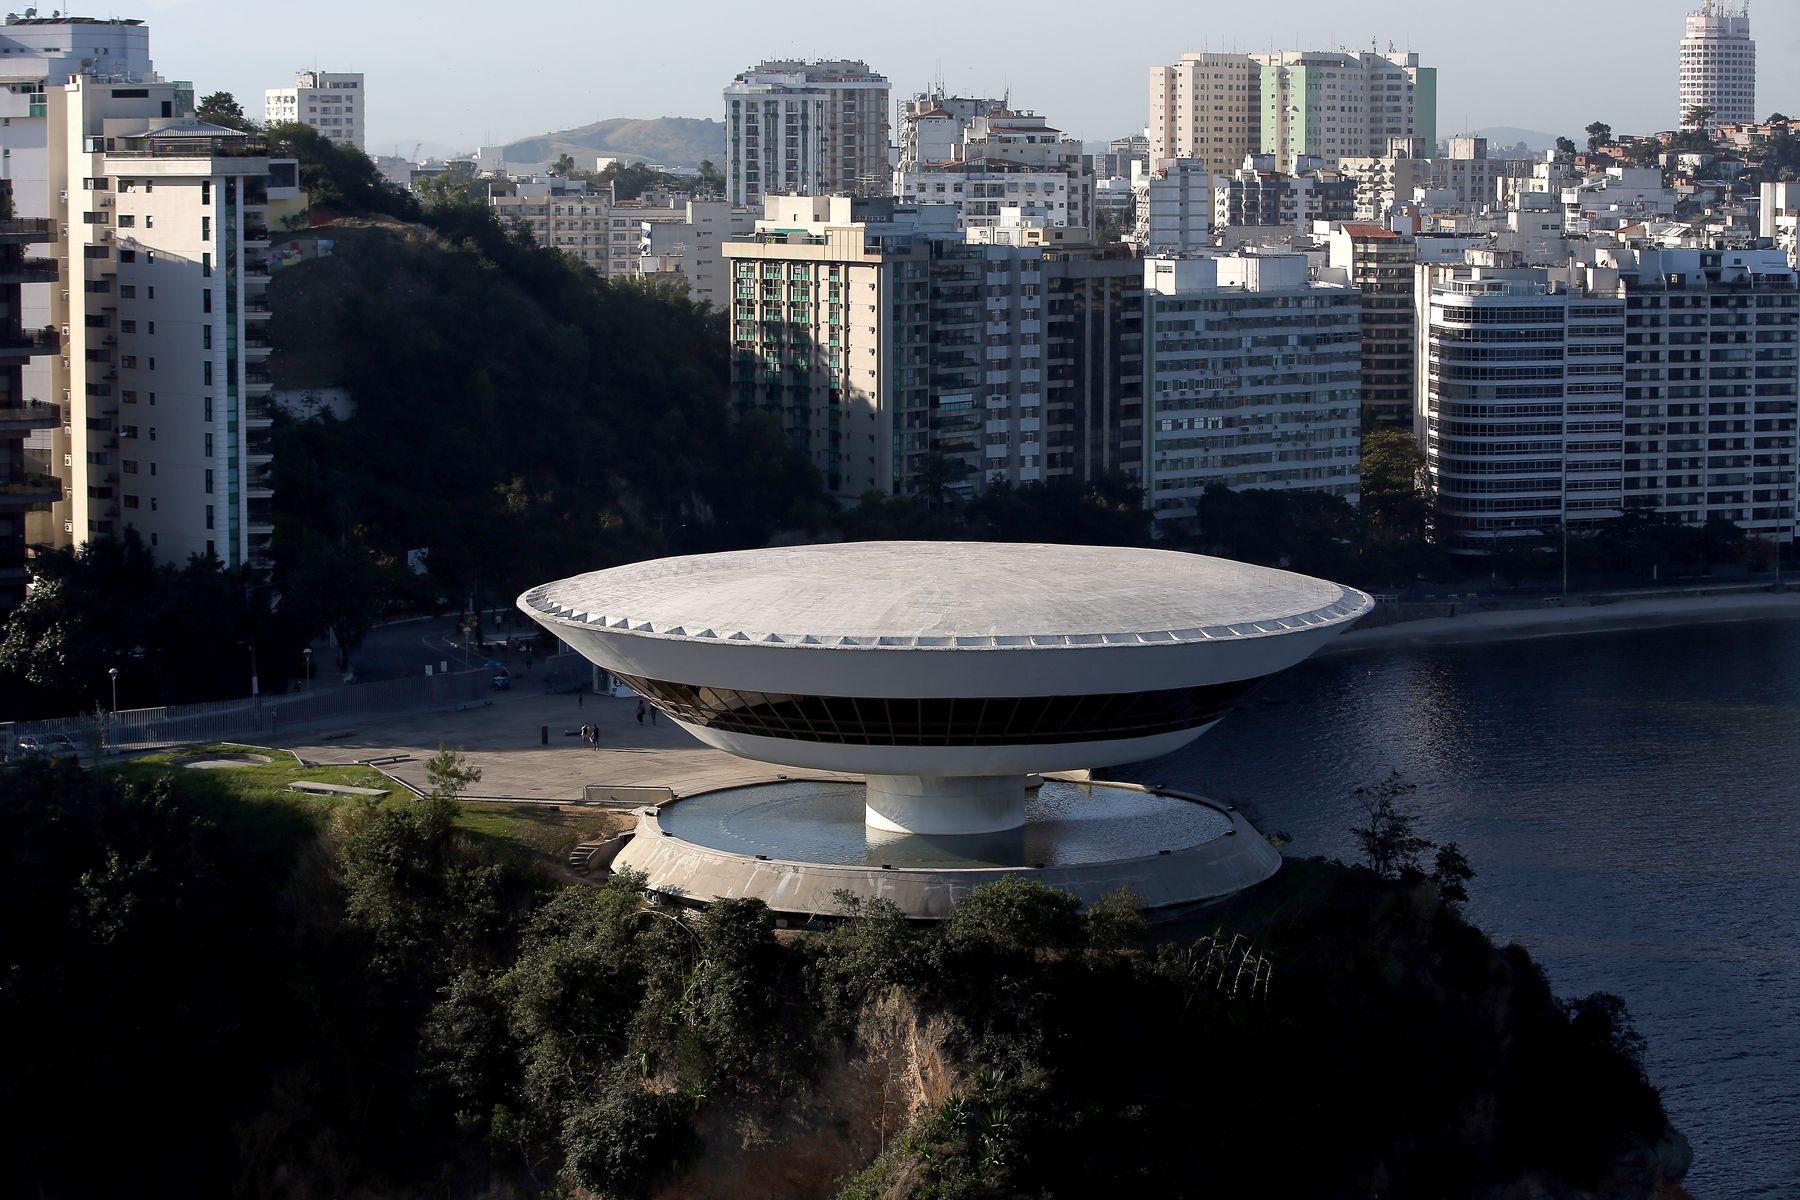 Museo da Arte Contemporanea di Niteroi (Rio de Janeiro, Brasile)